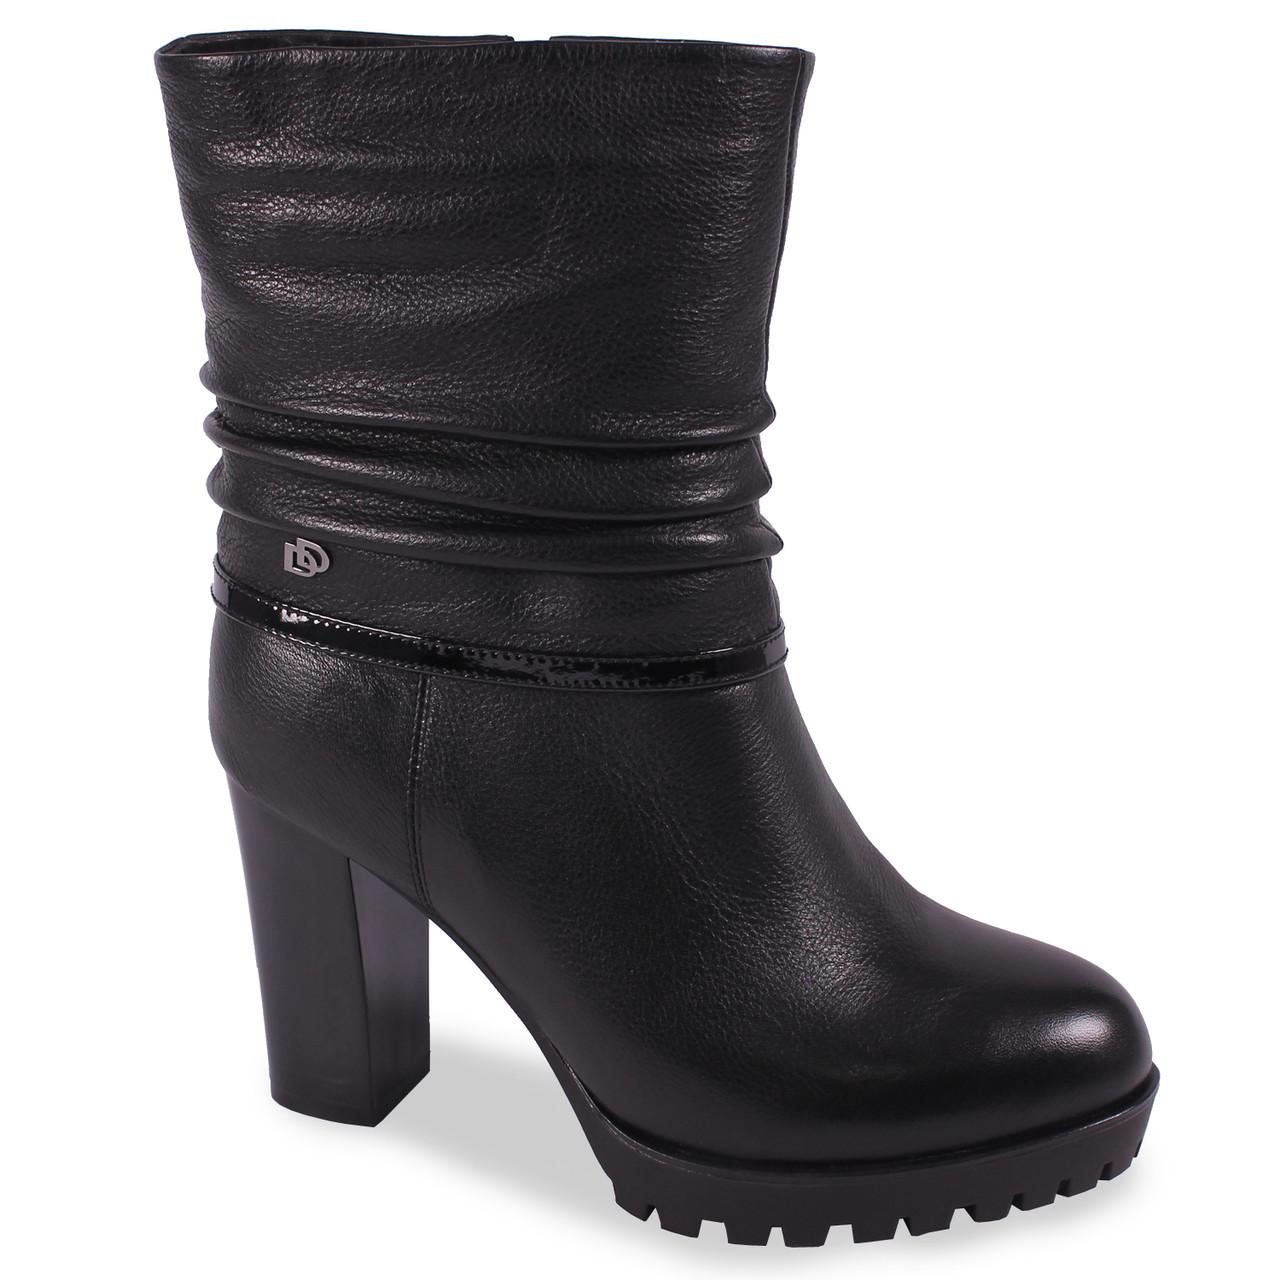 c35f17108e1110 Стильные полу ботинки Lаdy Marcia(зимние, натуральная кожа, на каблуке,  лаковая вставка